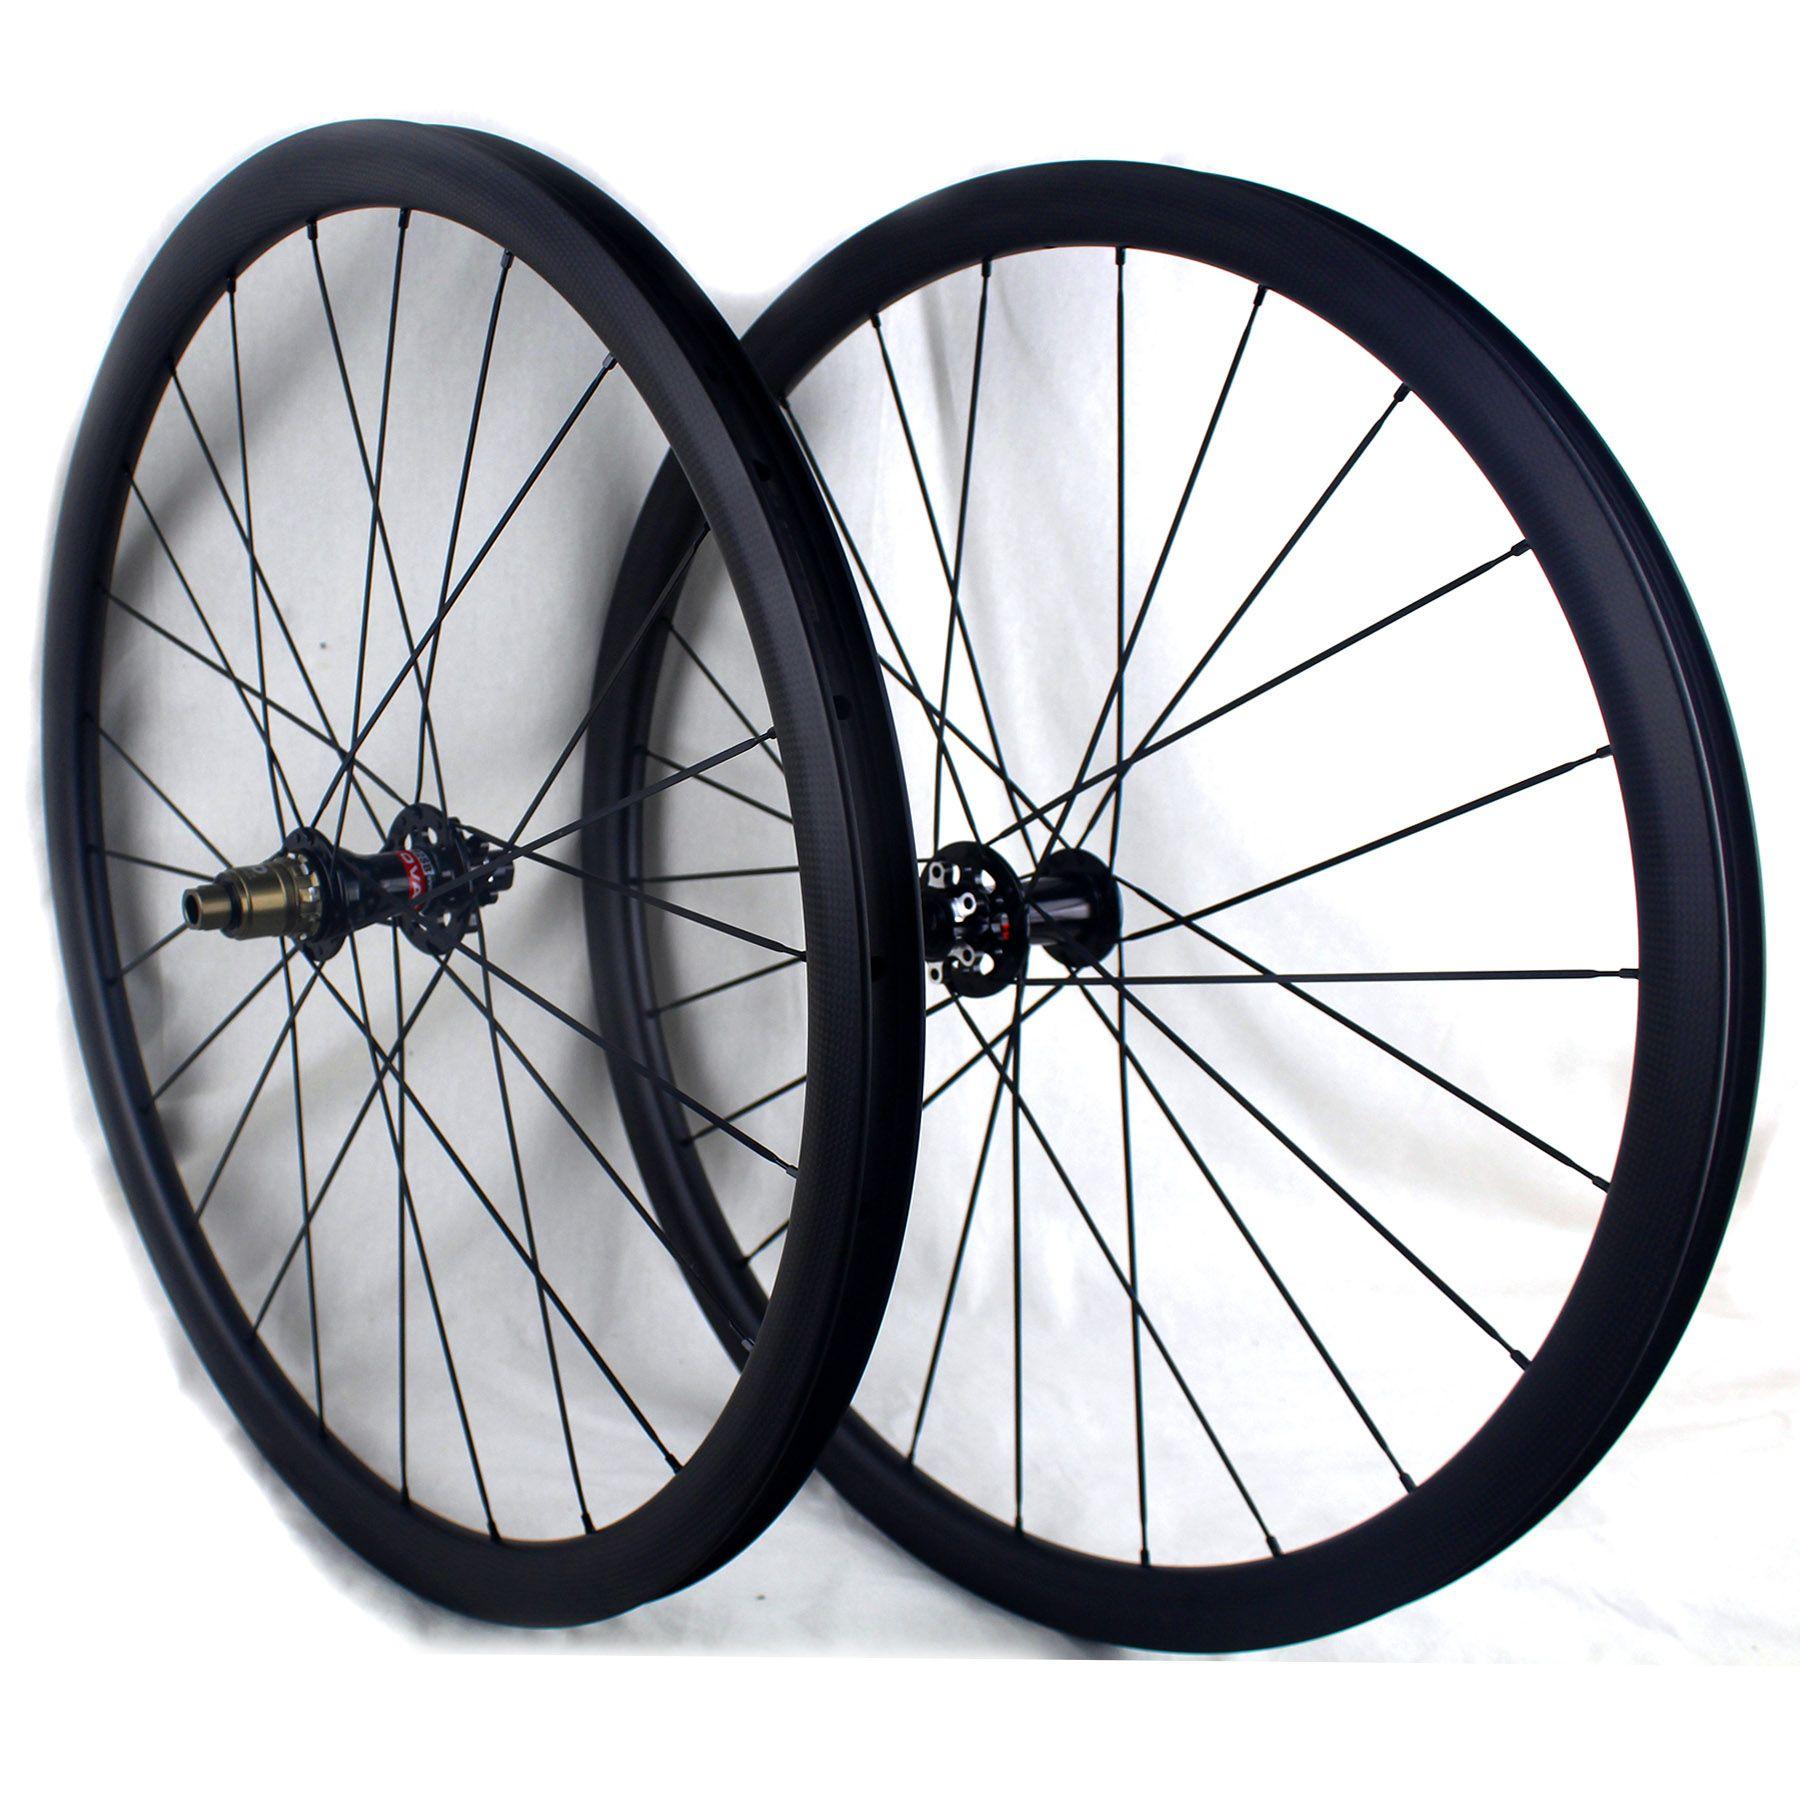 Ruote della strada del freno del disco del carbonio 38 50 60 mm Clincher 700c Tubeless pronto bicicletta di carbonio Ghiaia xc cyclocross wheelset 3k opaco